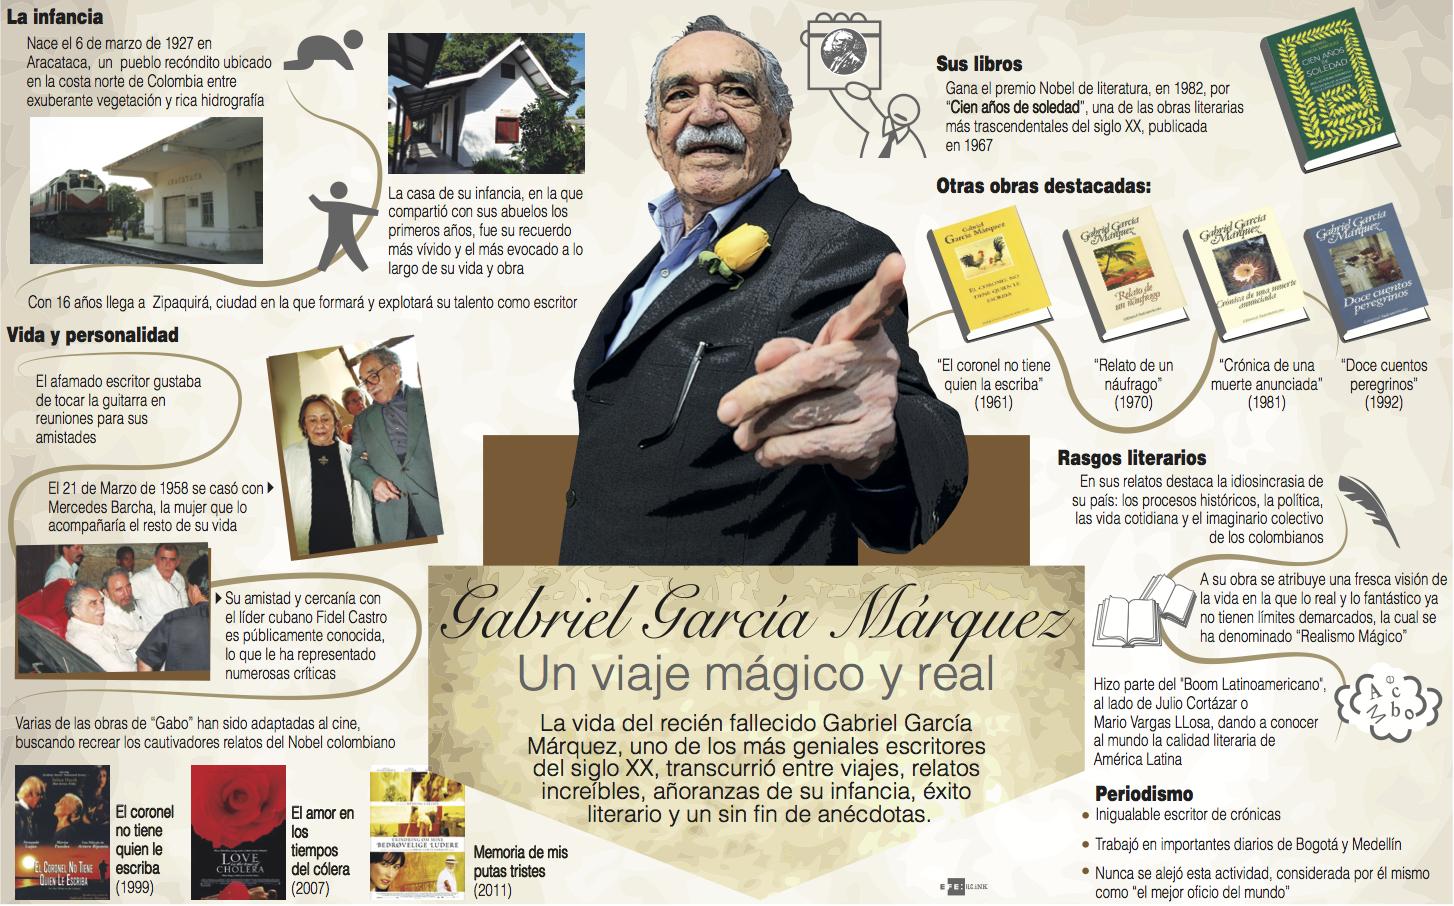 Cesar Vallejo infografia